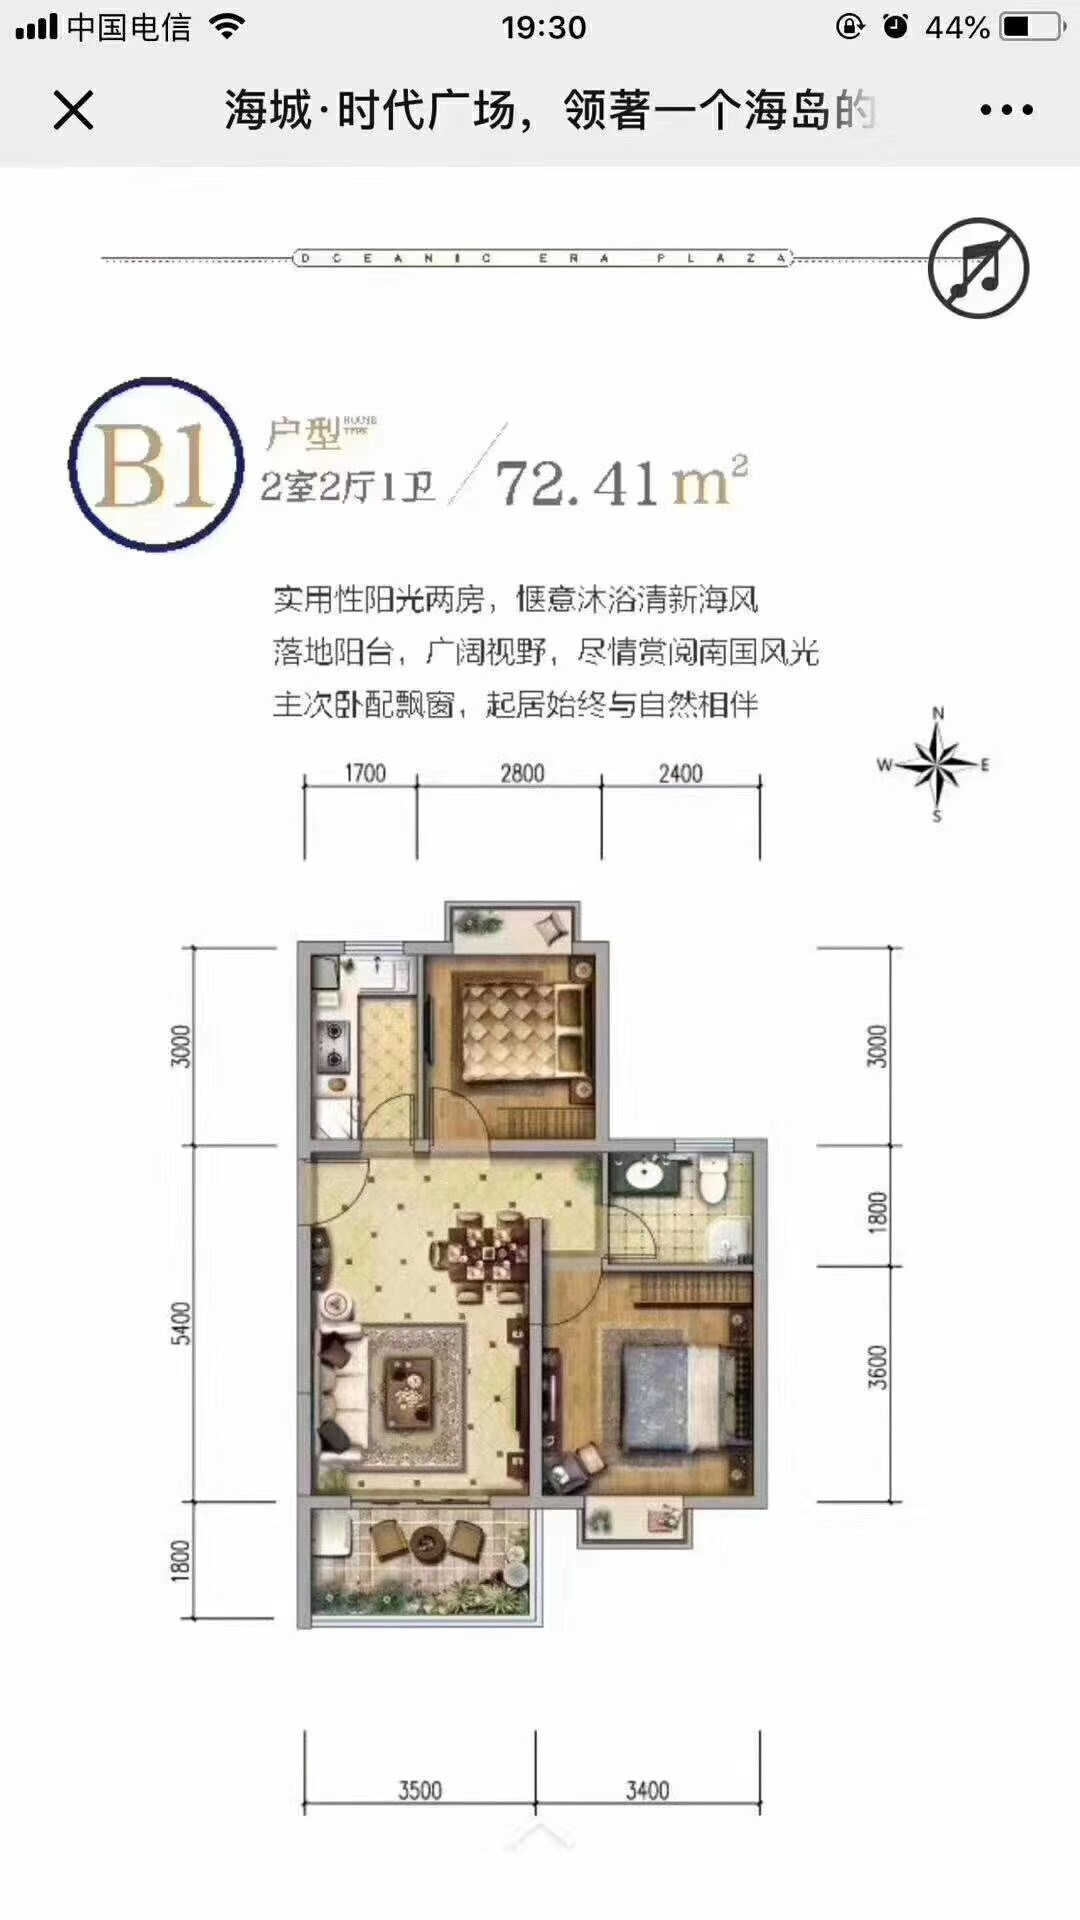 海城时代广场3室2厅2卫首付38万实验学区